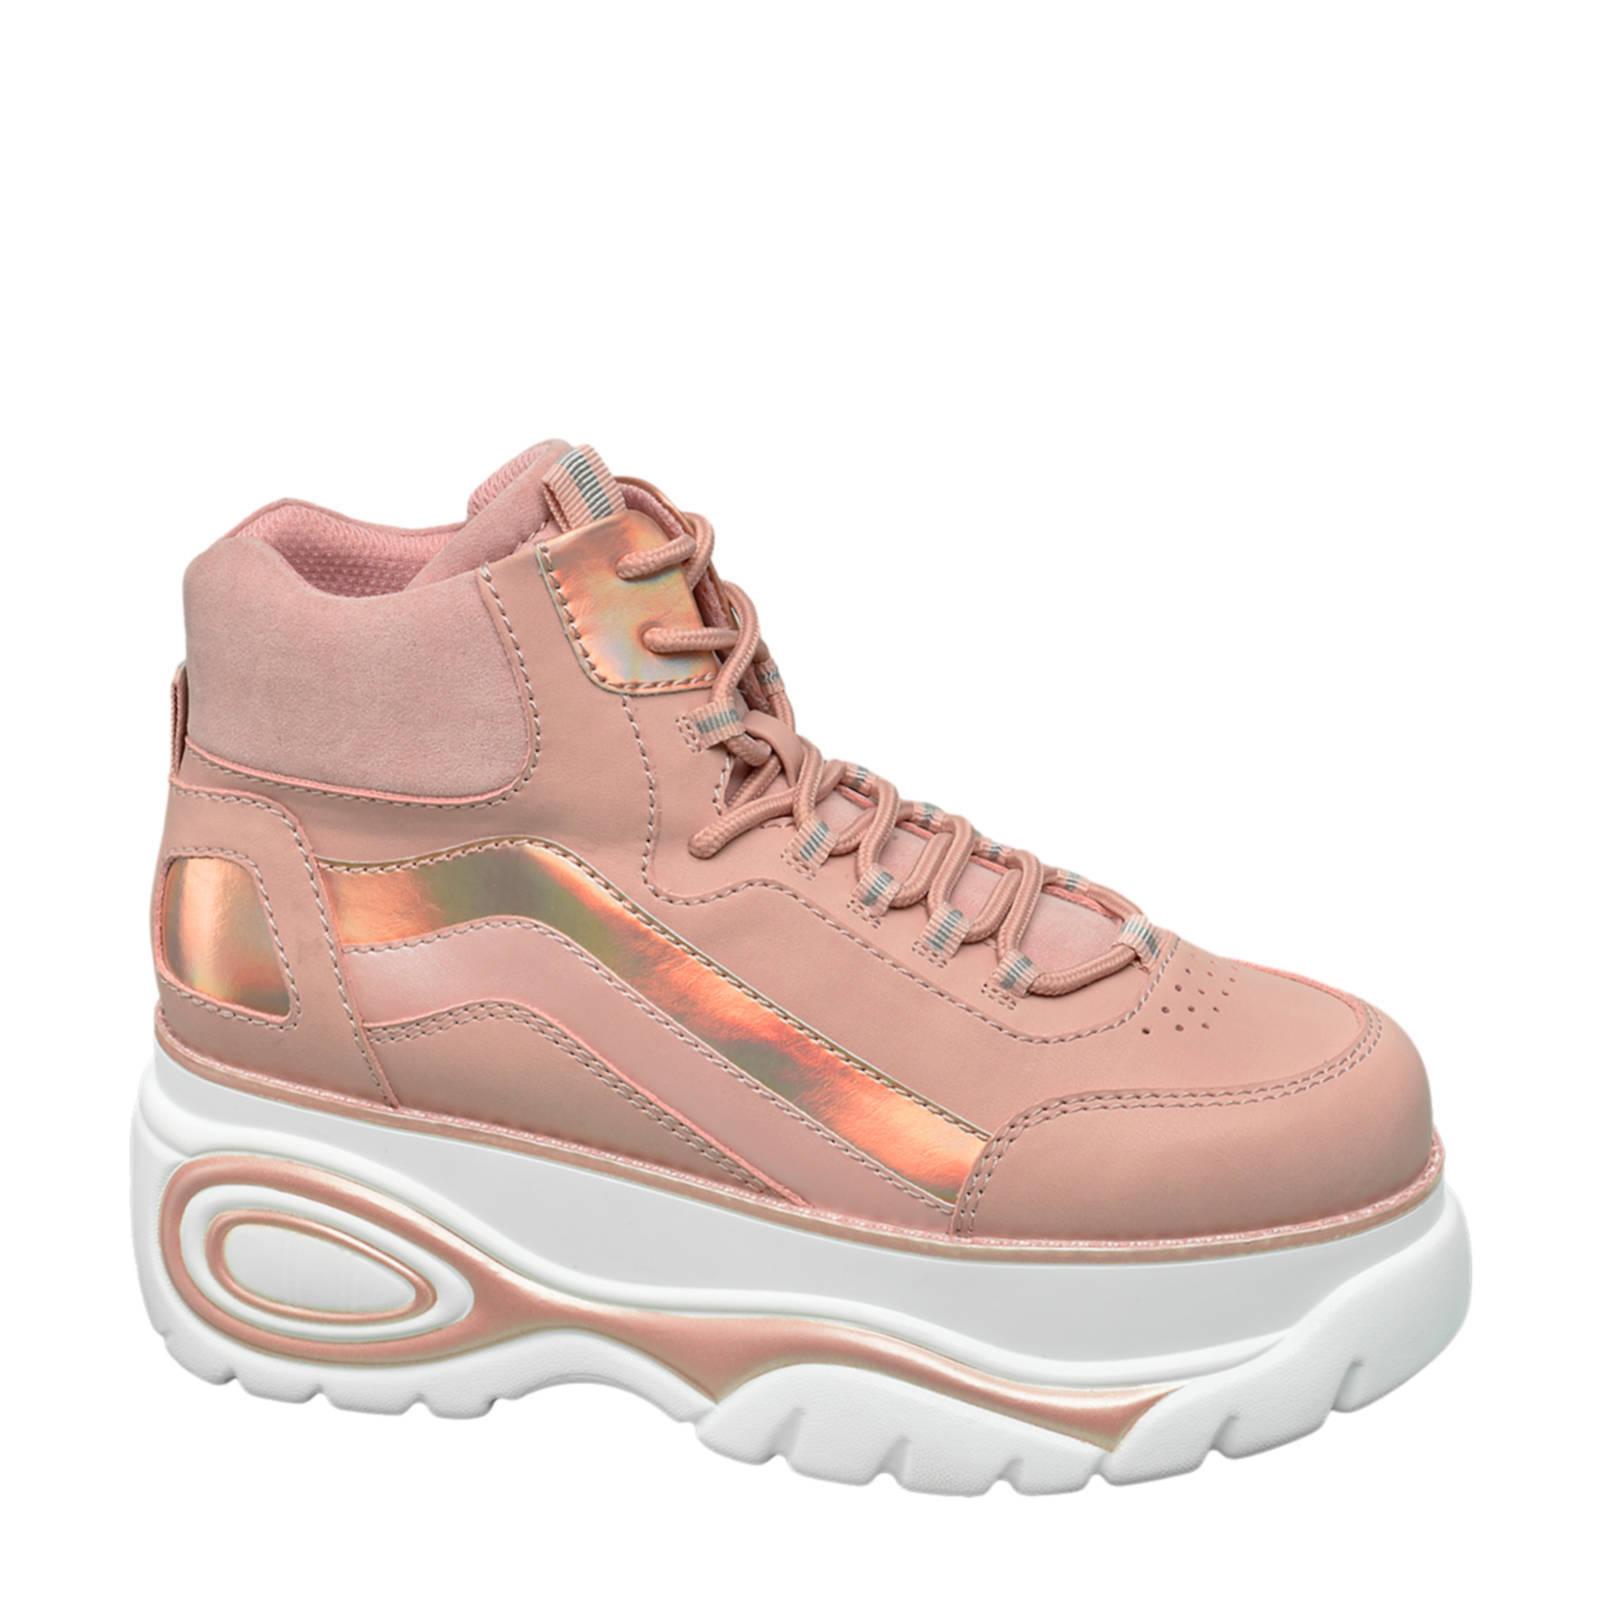 vanHaren Graceland platform sneakers